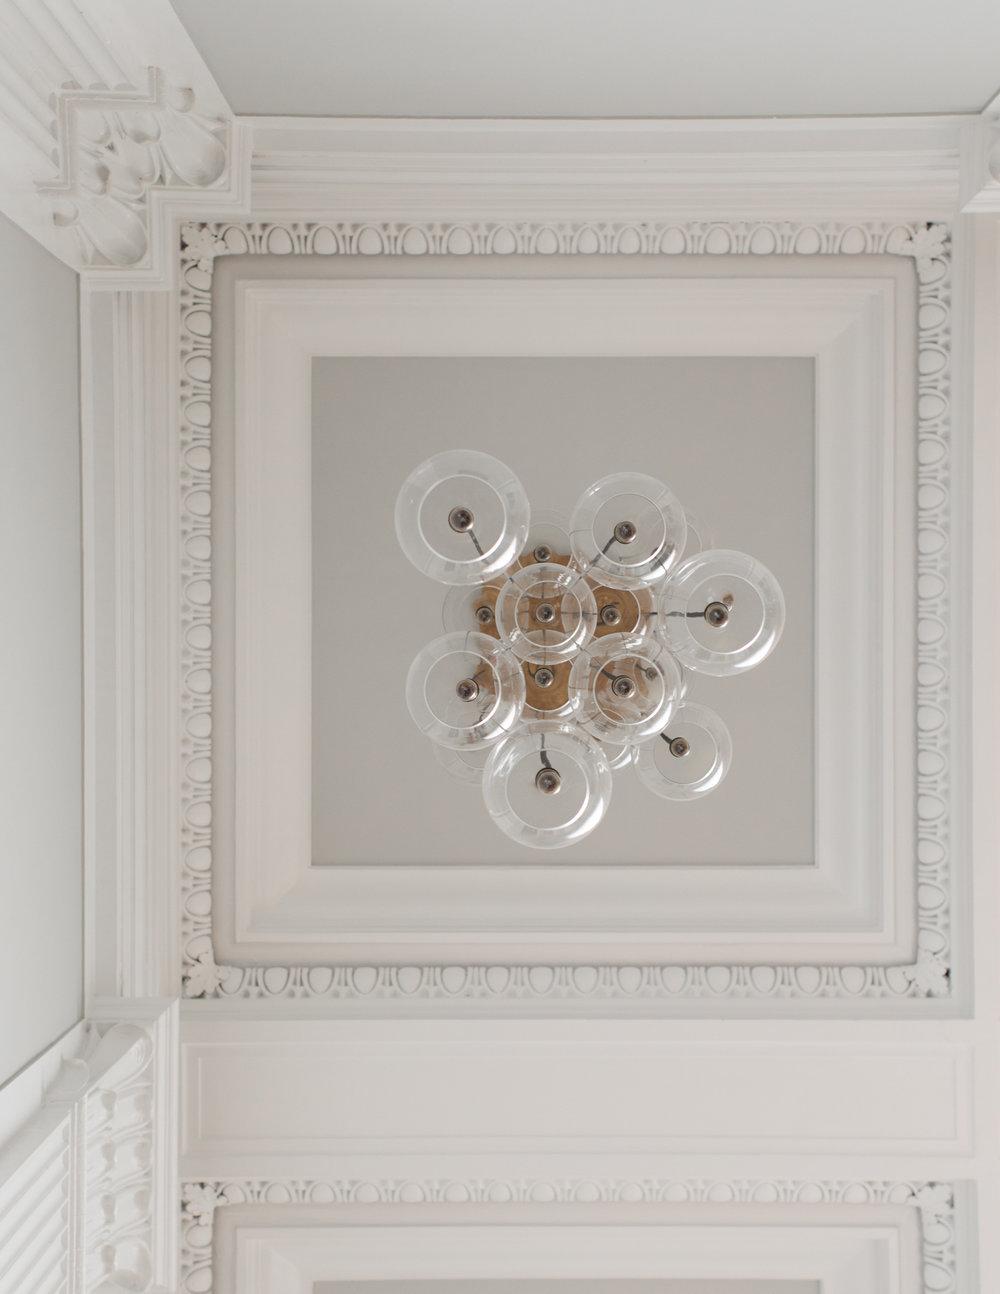 New Light Fixture by MCulbert